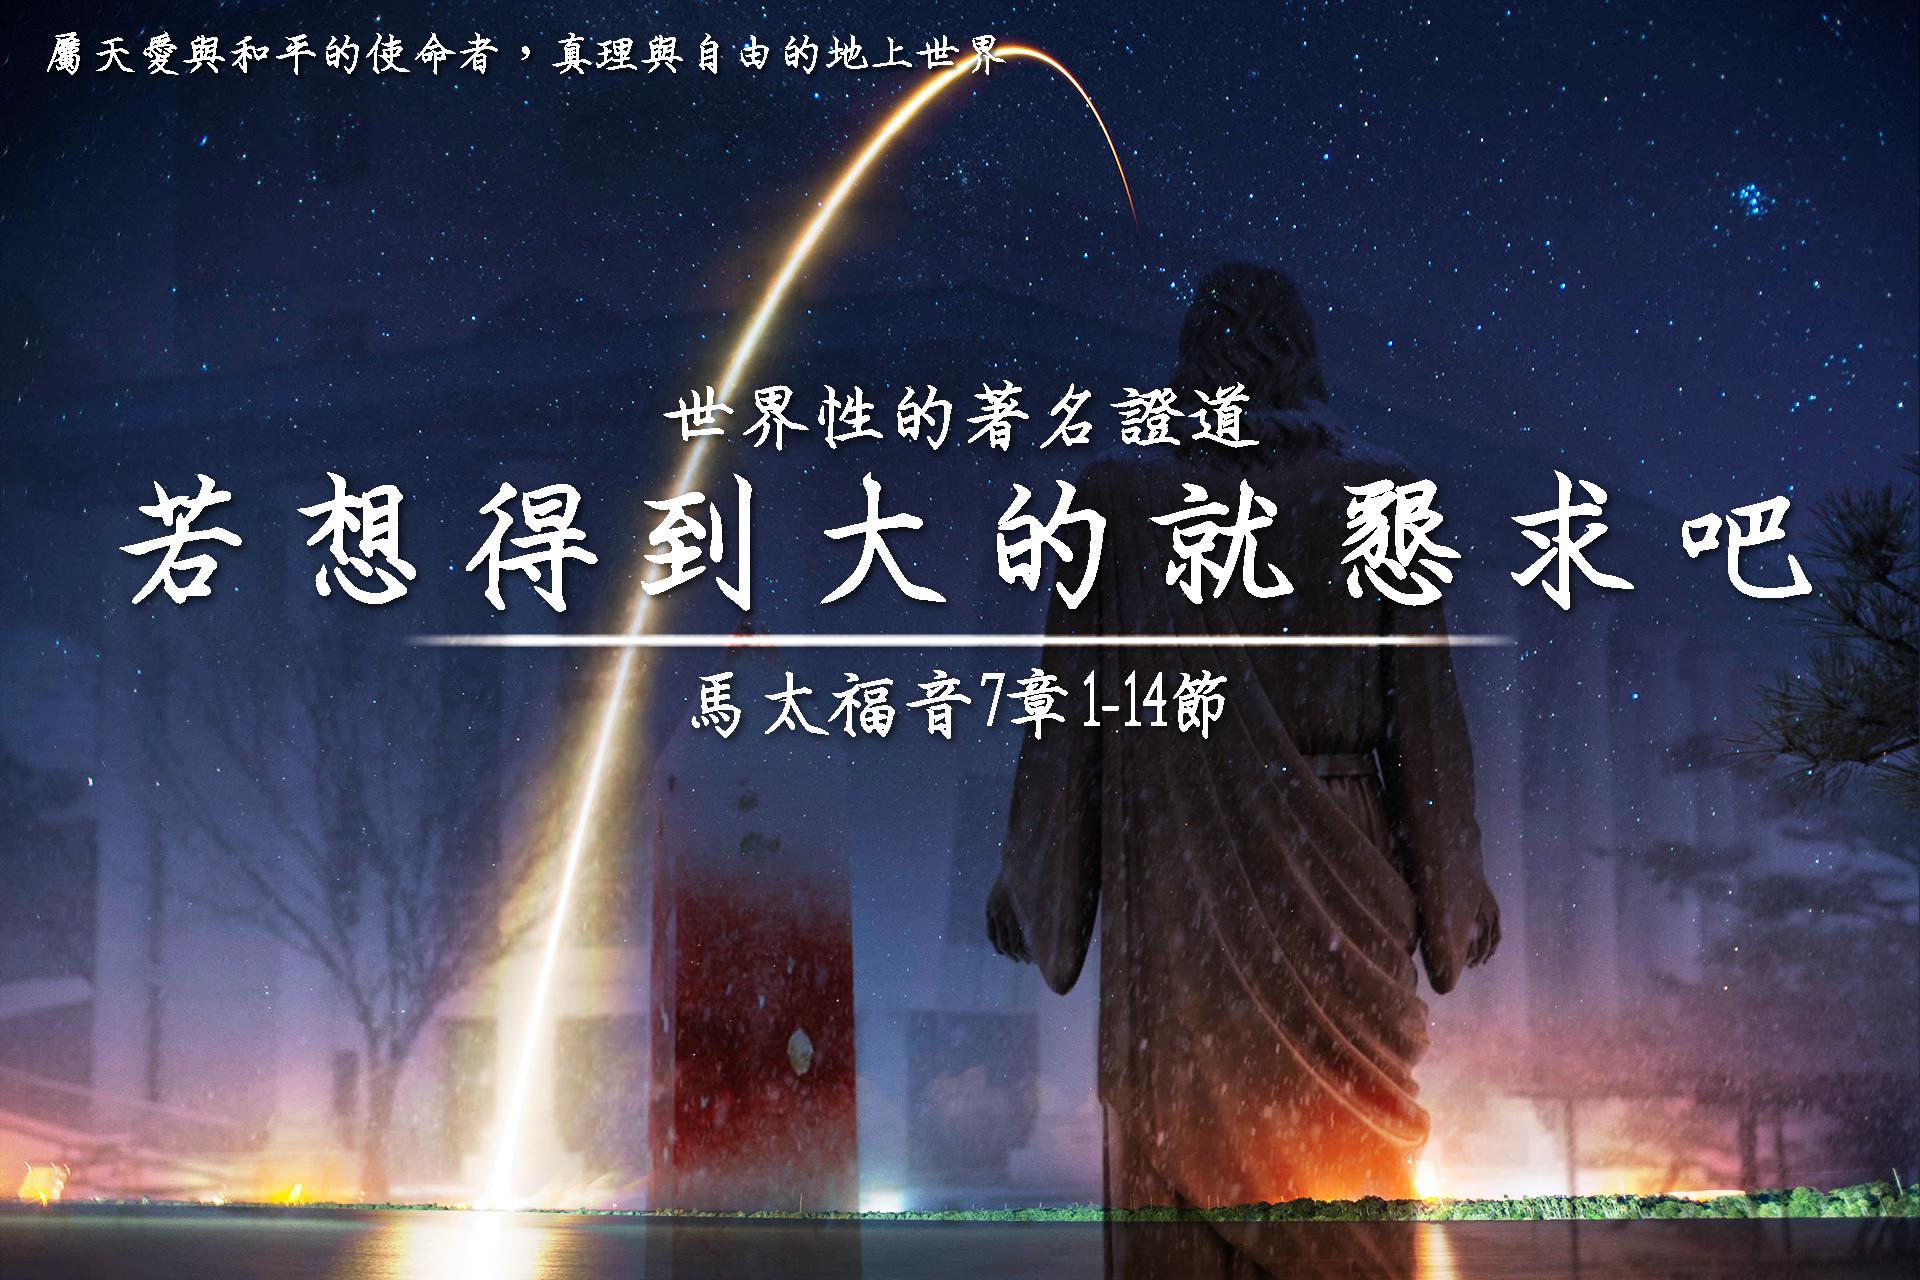 2016-09-21世界性的著名證道~若想得到大的就懇求吧